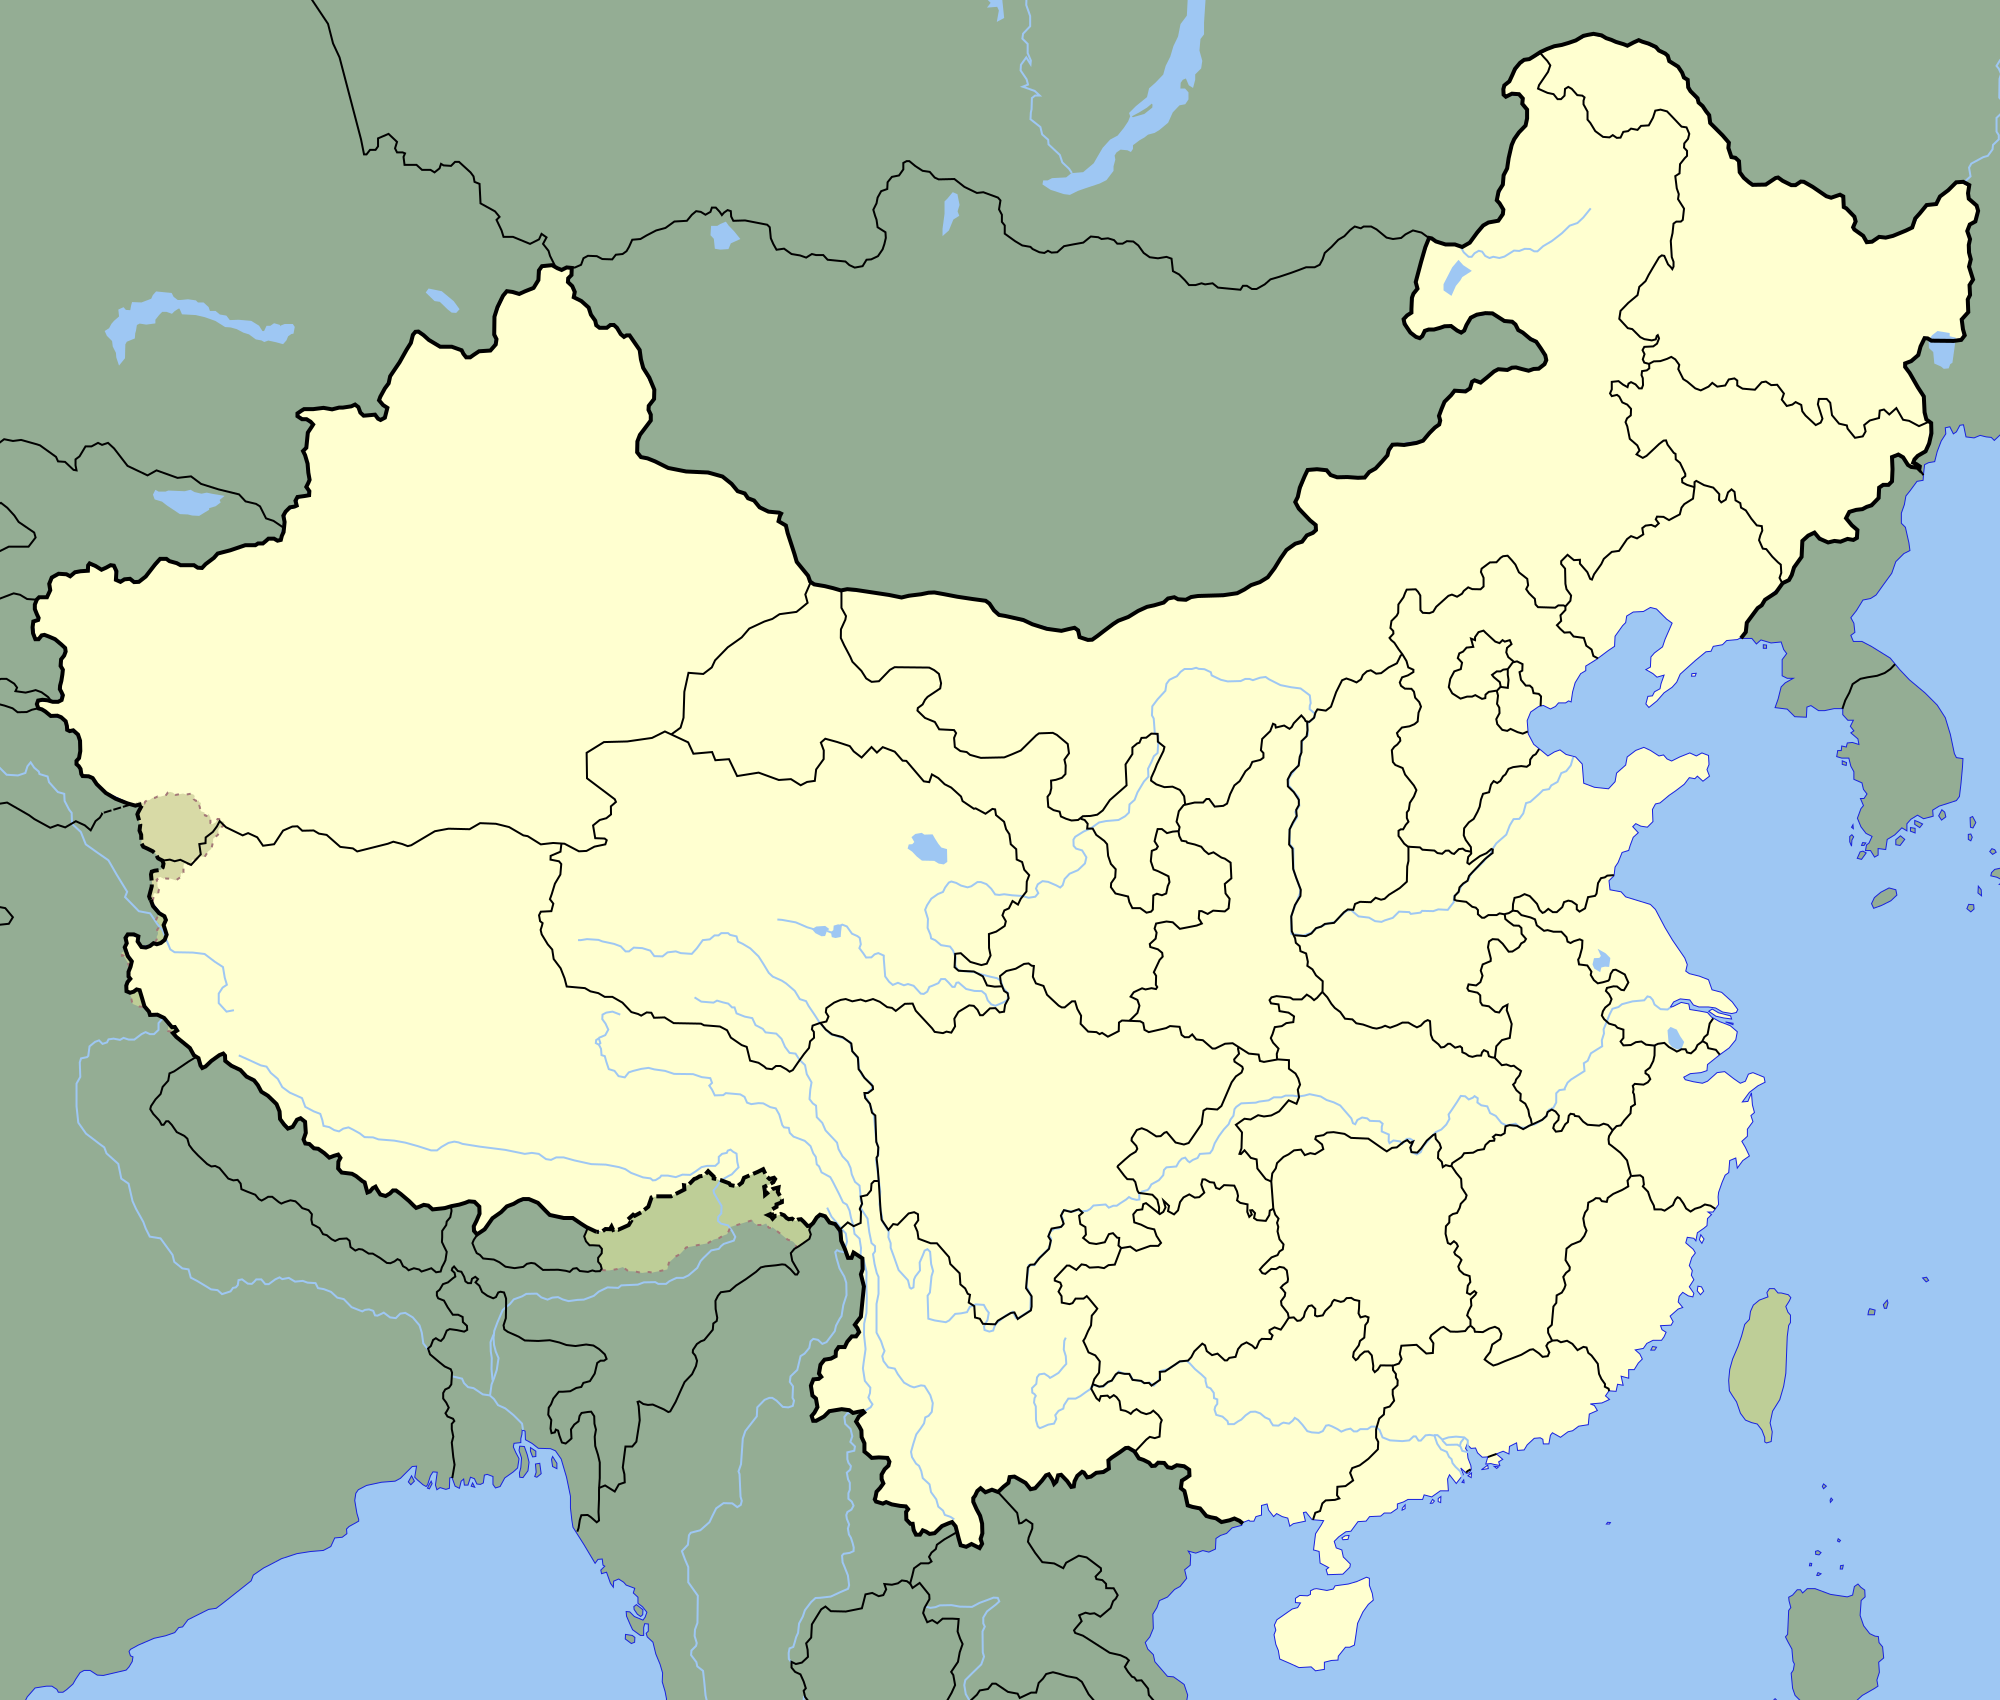 China svg #16, Download drawings